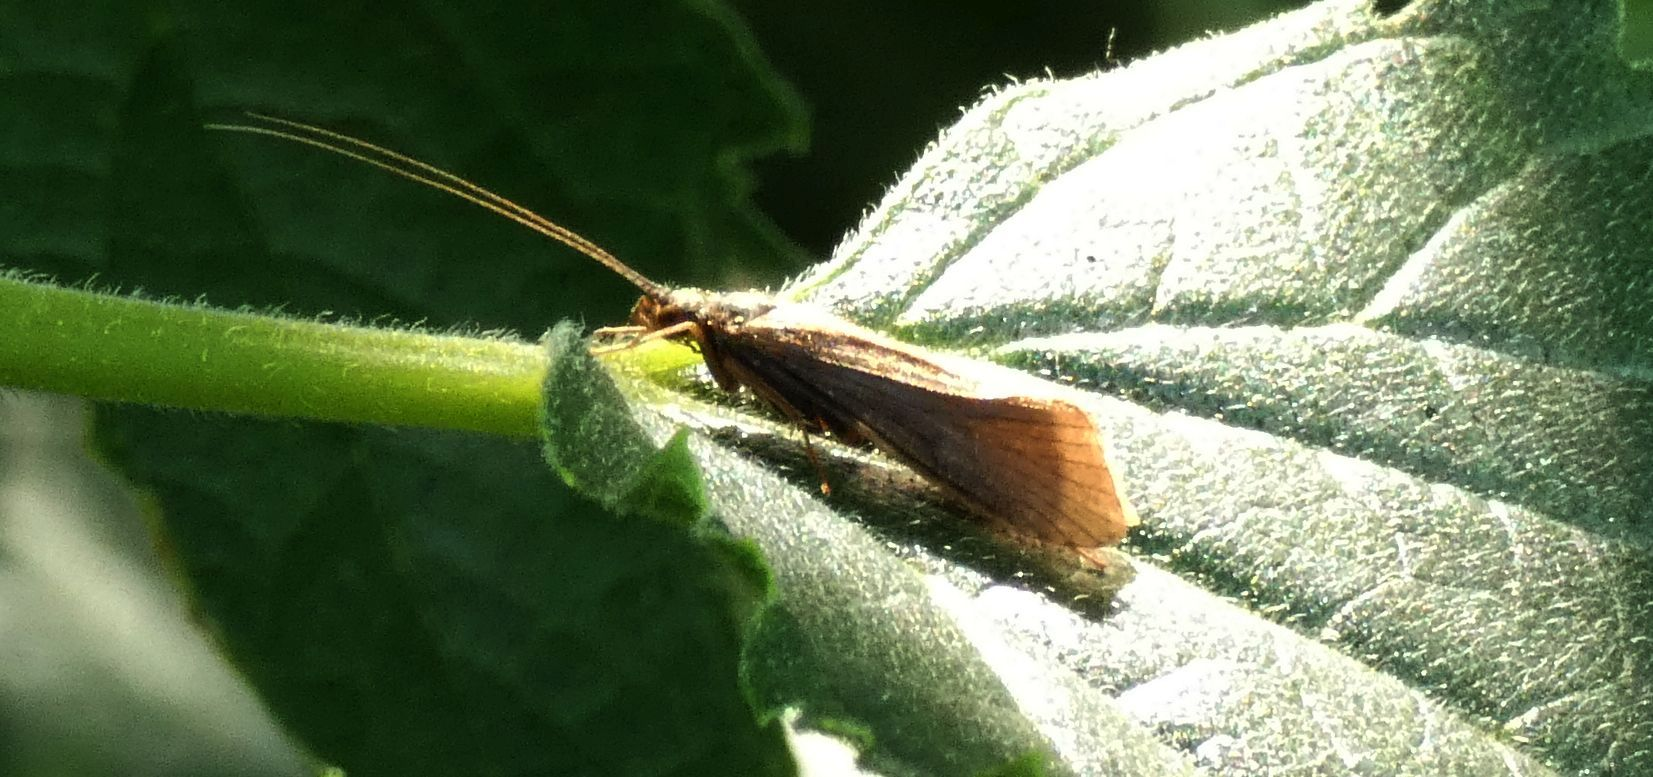 Hydropsyche sp. (Hydropsychidae)